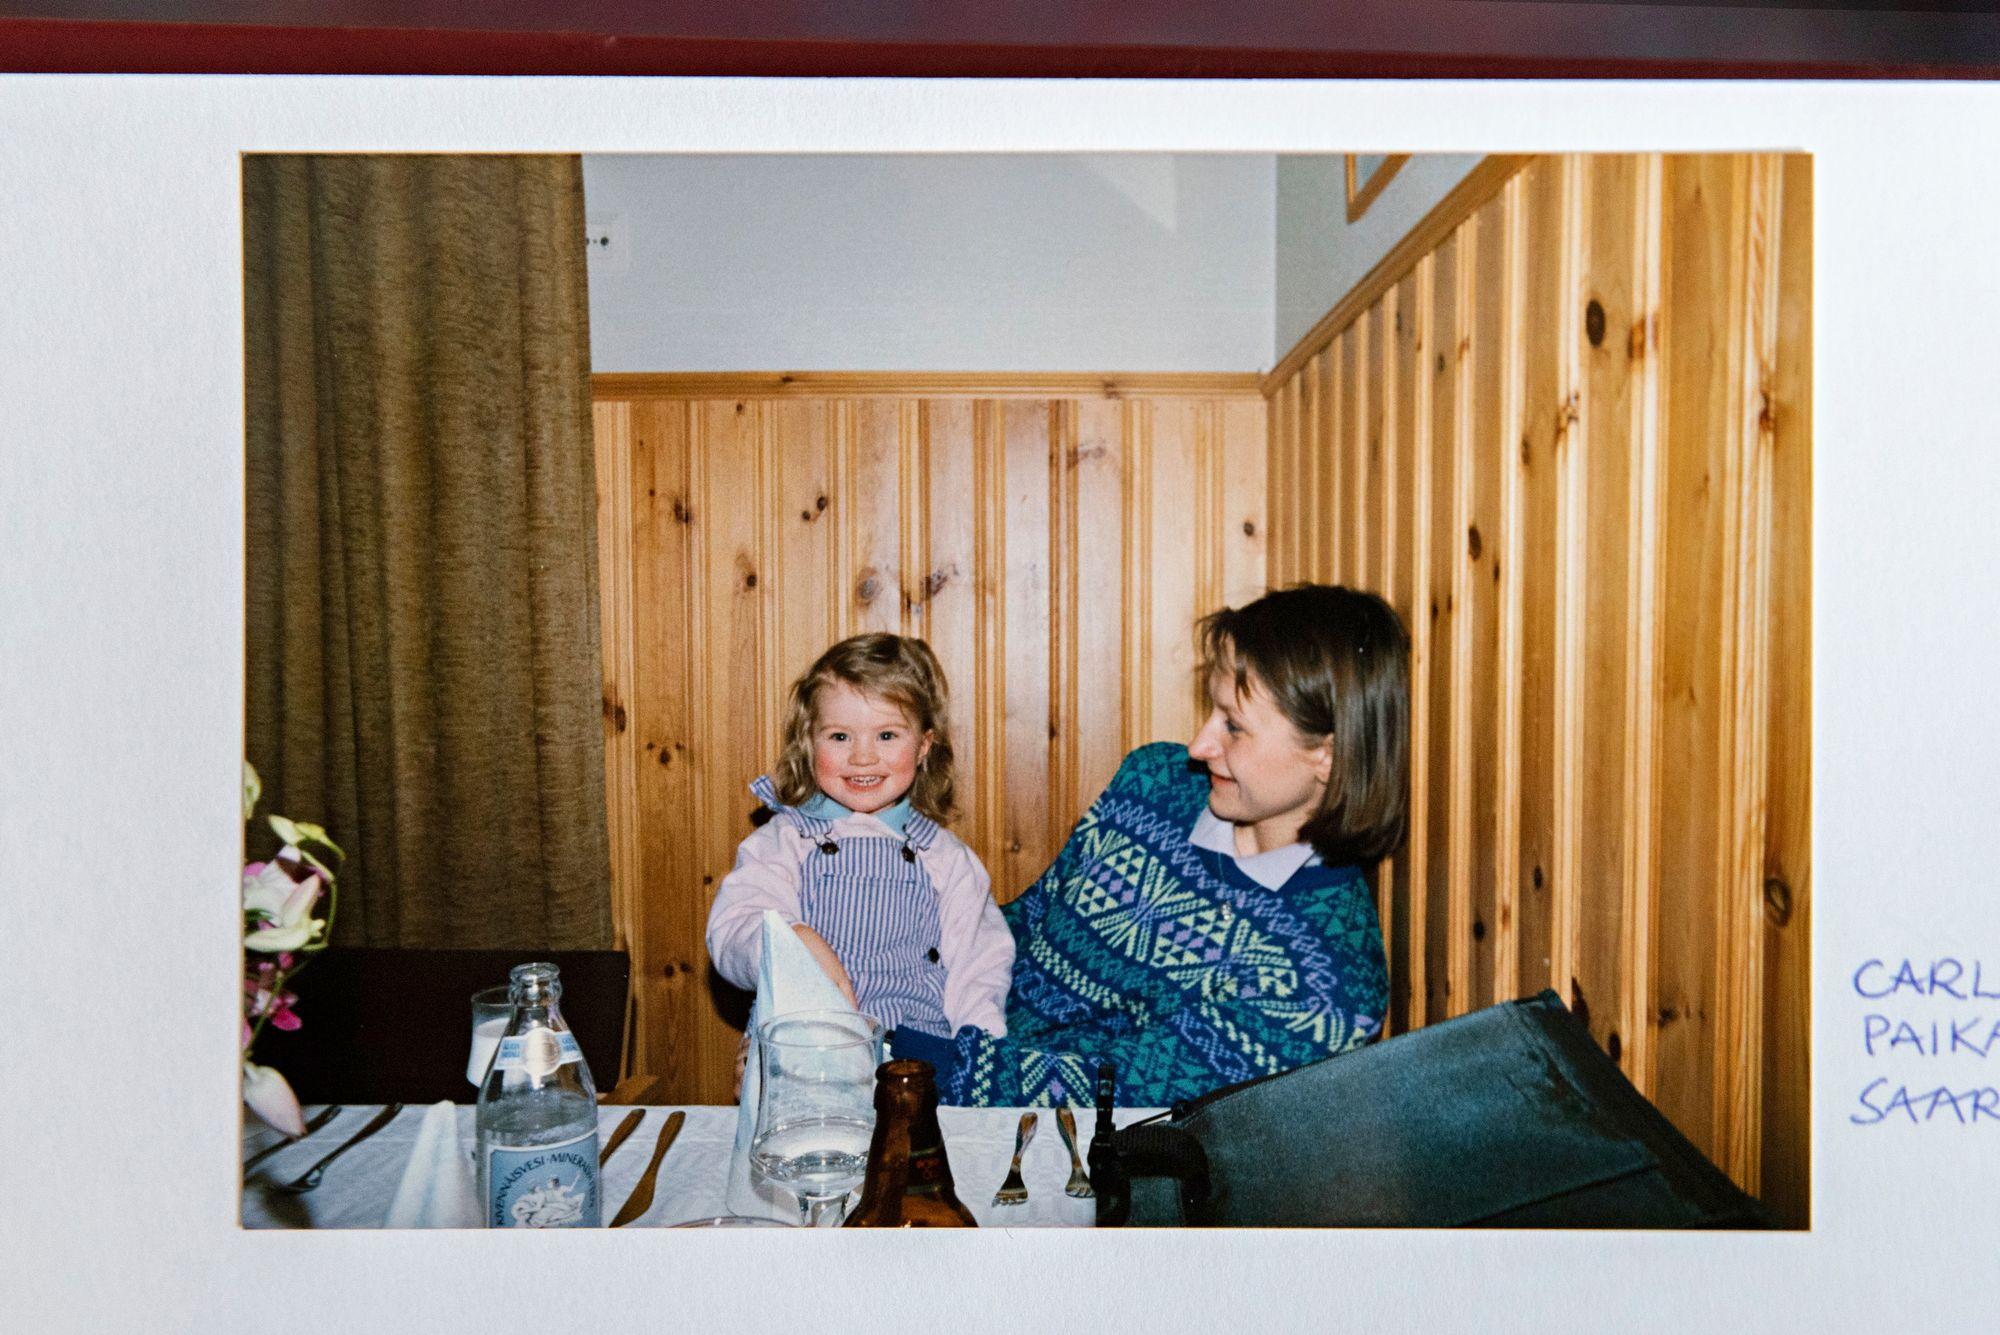 Helmikuussa 1988 Carla ja Tiina Reposaaren ravintolassa. Graavilohi ja -siika olivat Carlan suurta herkkua. Äidin syöpä todettiin myöhemmin.© Aku Ratsula